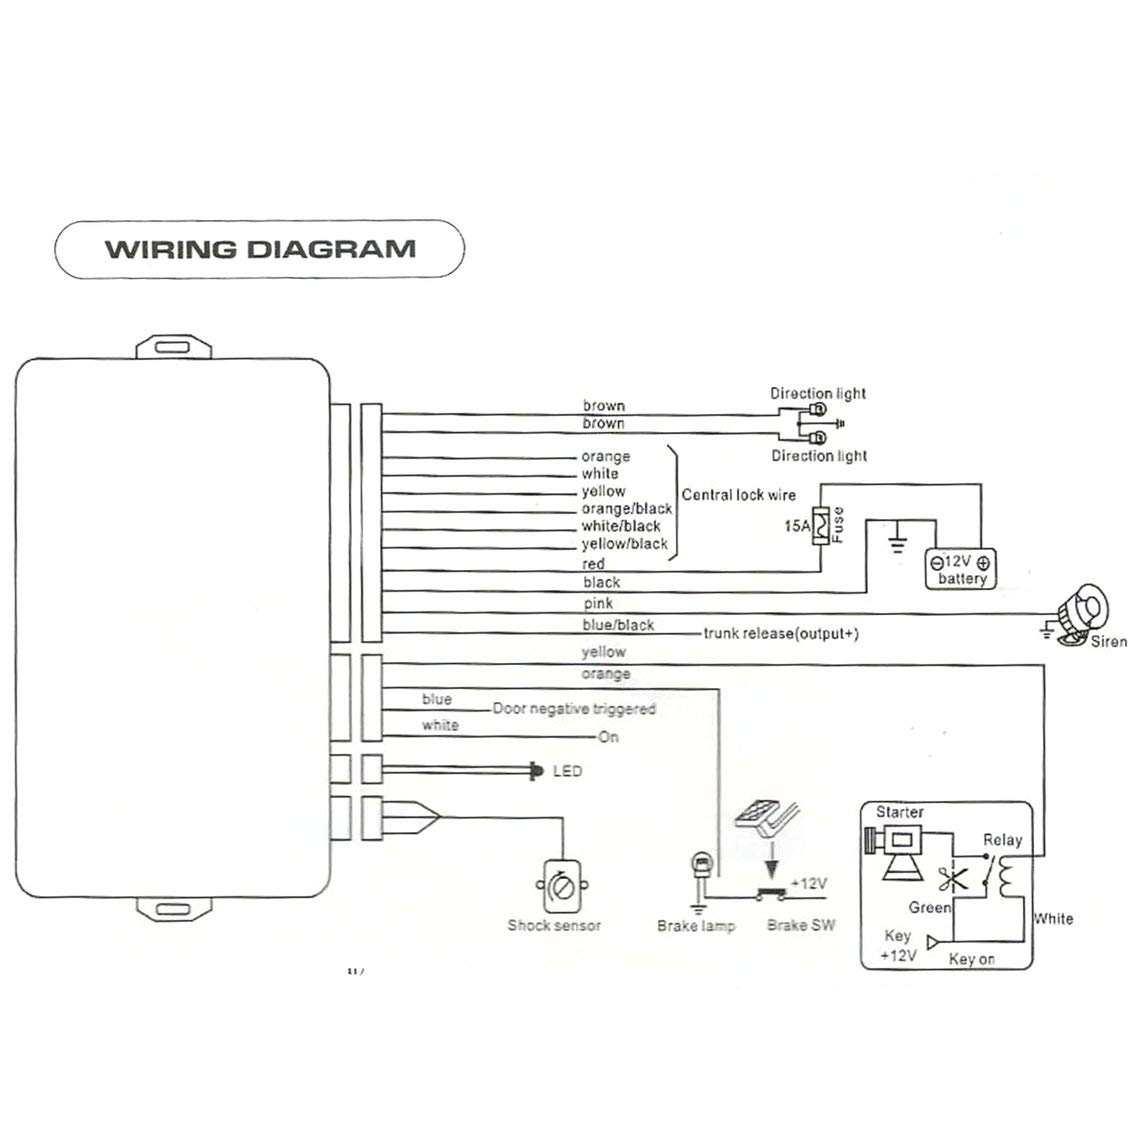 Mazur Universal Fahrzeug Remote Zentralverriegelung Battery In Trunk Wiring Diagram Elektronik